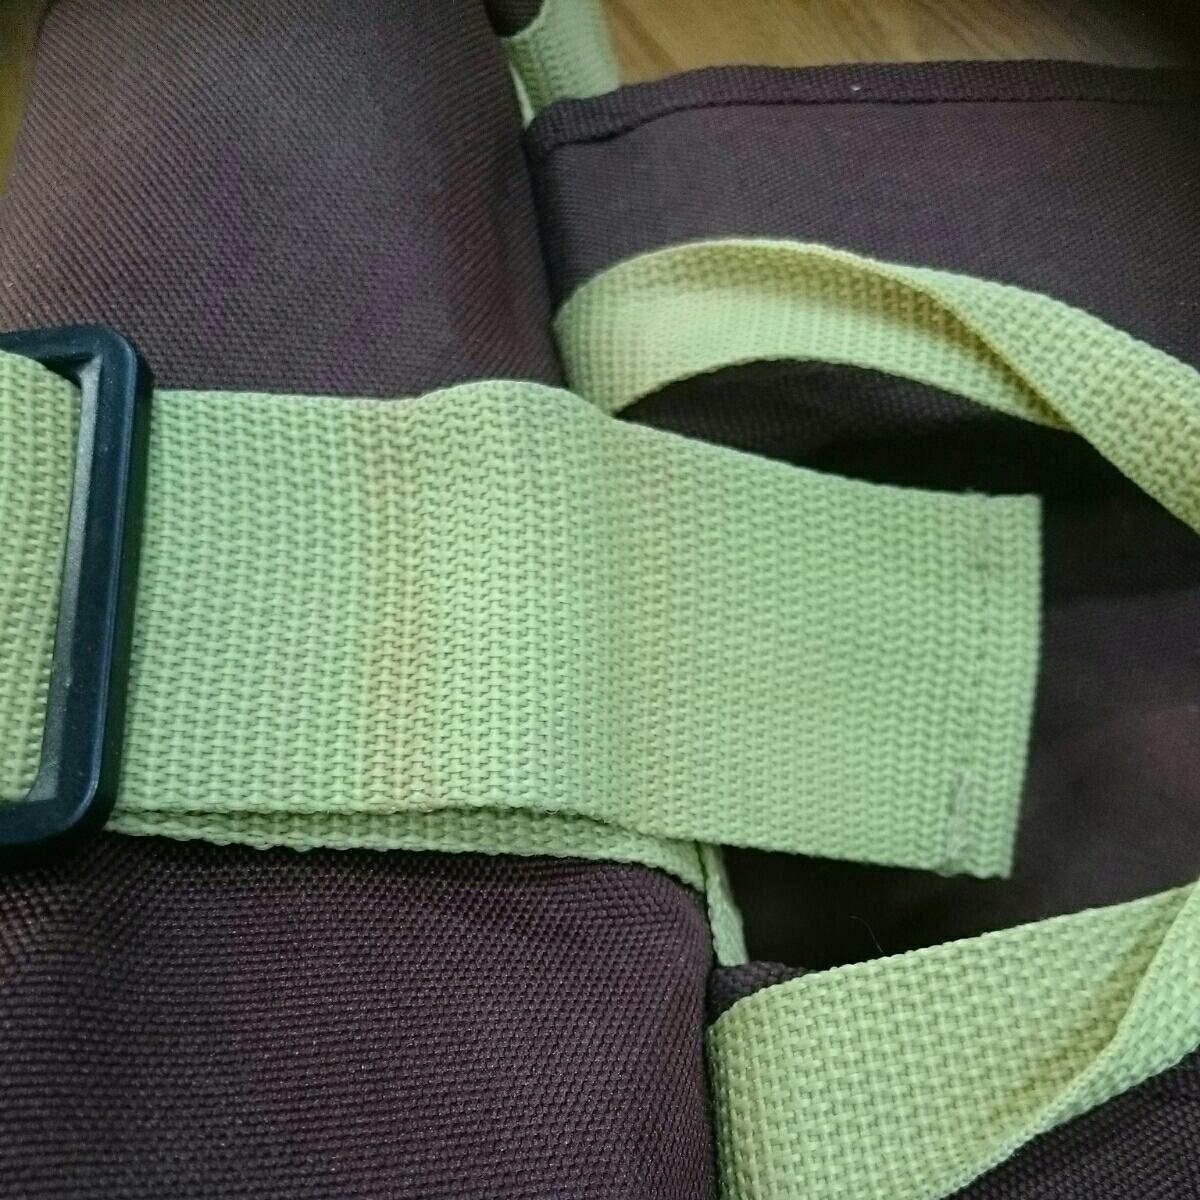 ABUS メッセンジャーバッグ 未使用品 防水 雨の日も問題なし 日焼け少しあります。_画像7